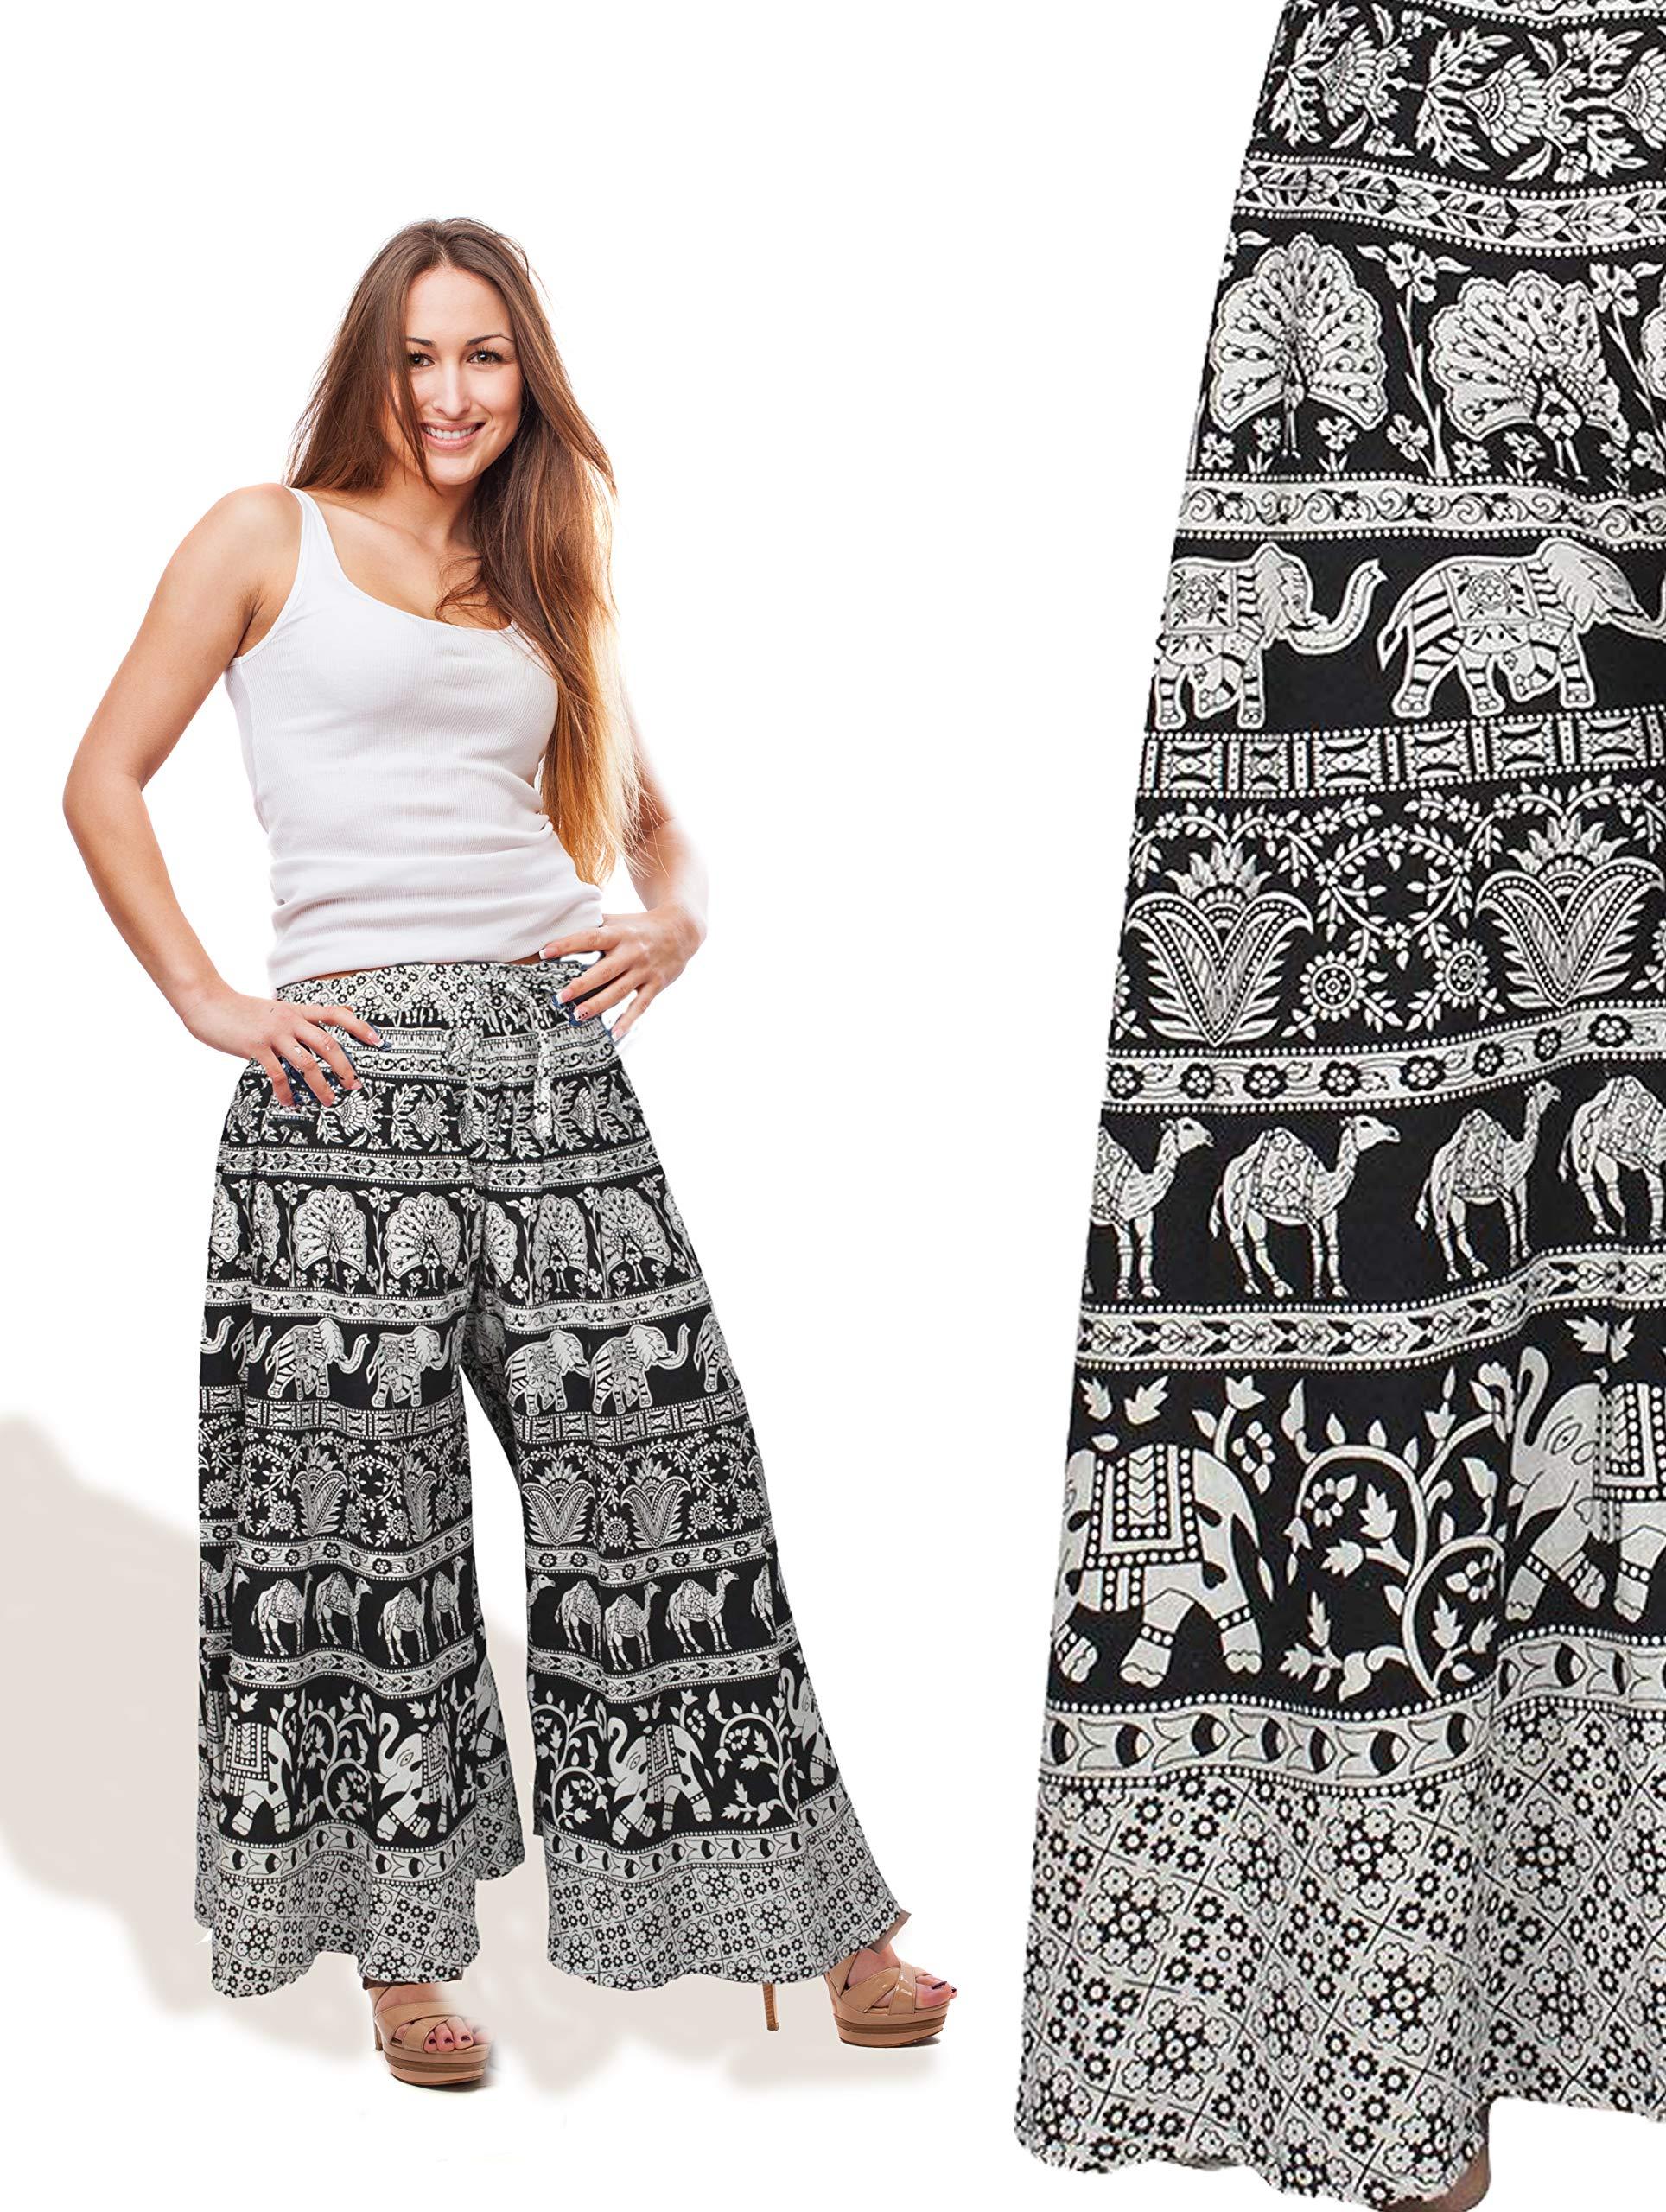 Store Indya,, 100% pantalones de algodón Palazzo para Yoga con estampado de mandala de Jaipur: Amazon.es: Hogar